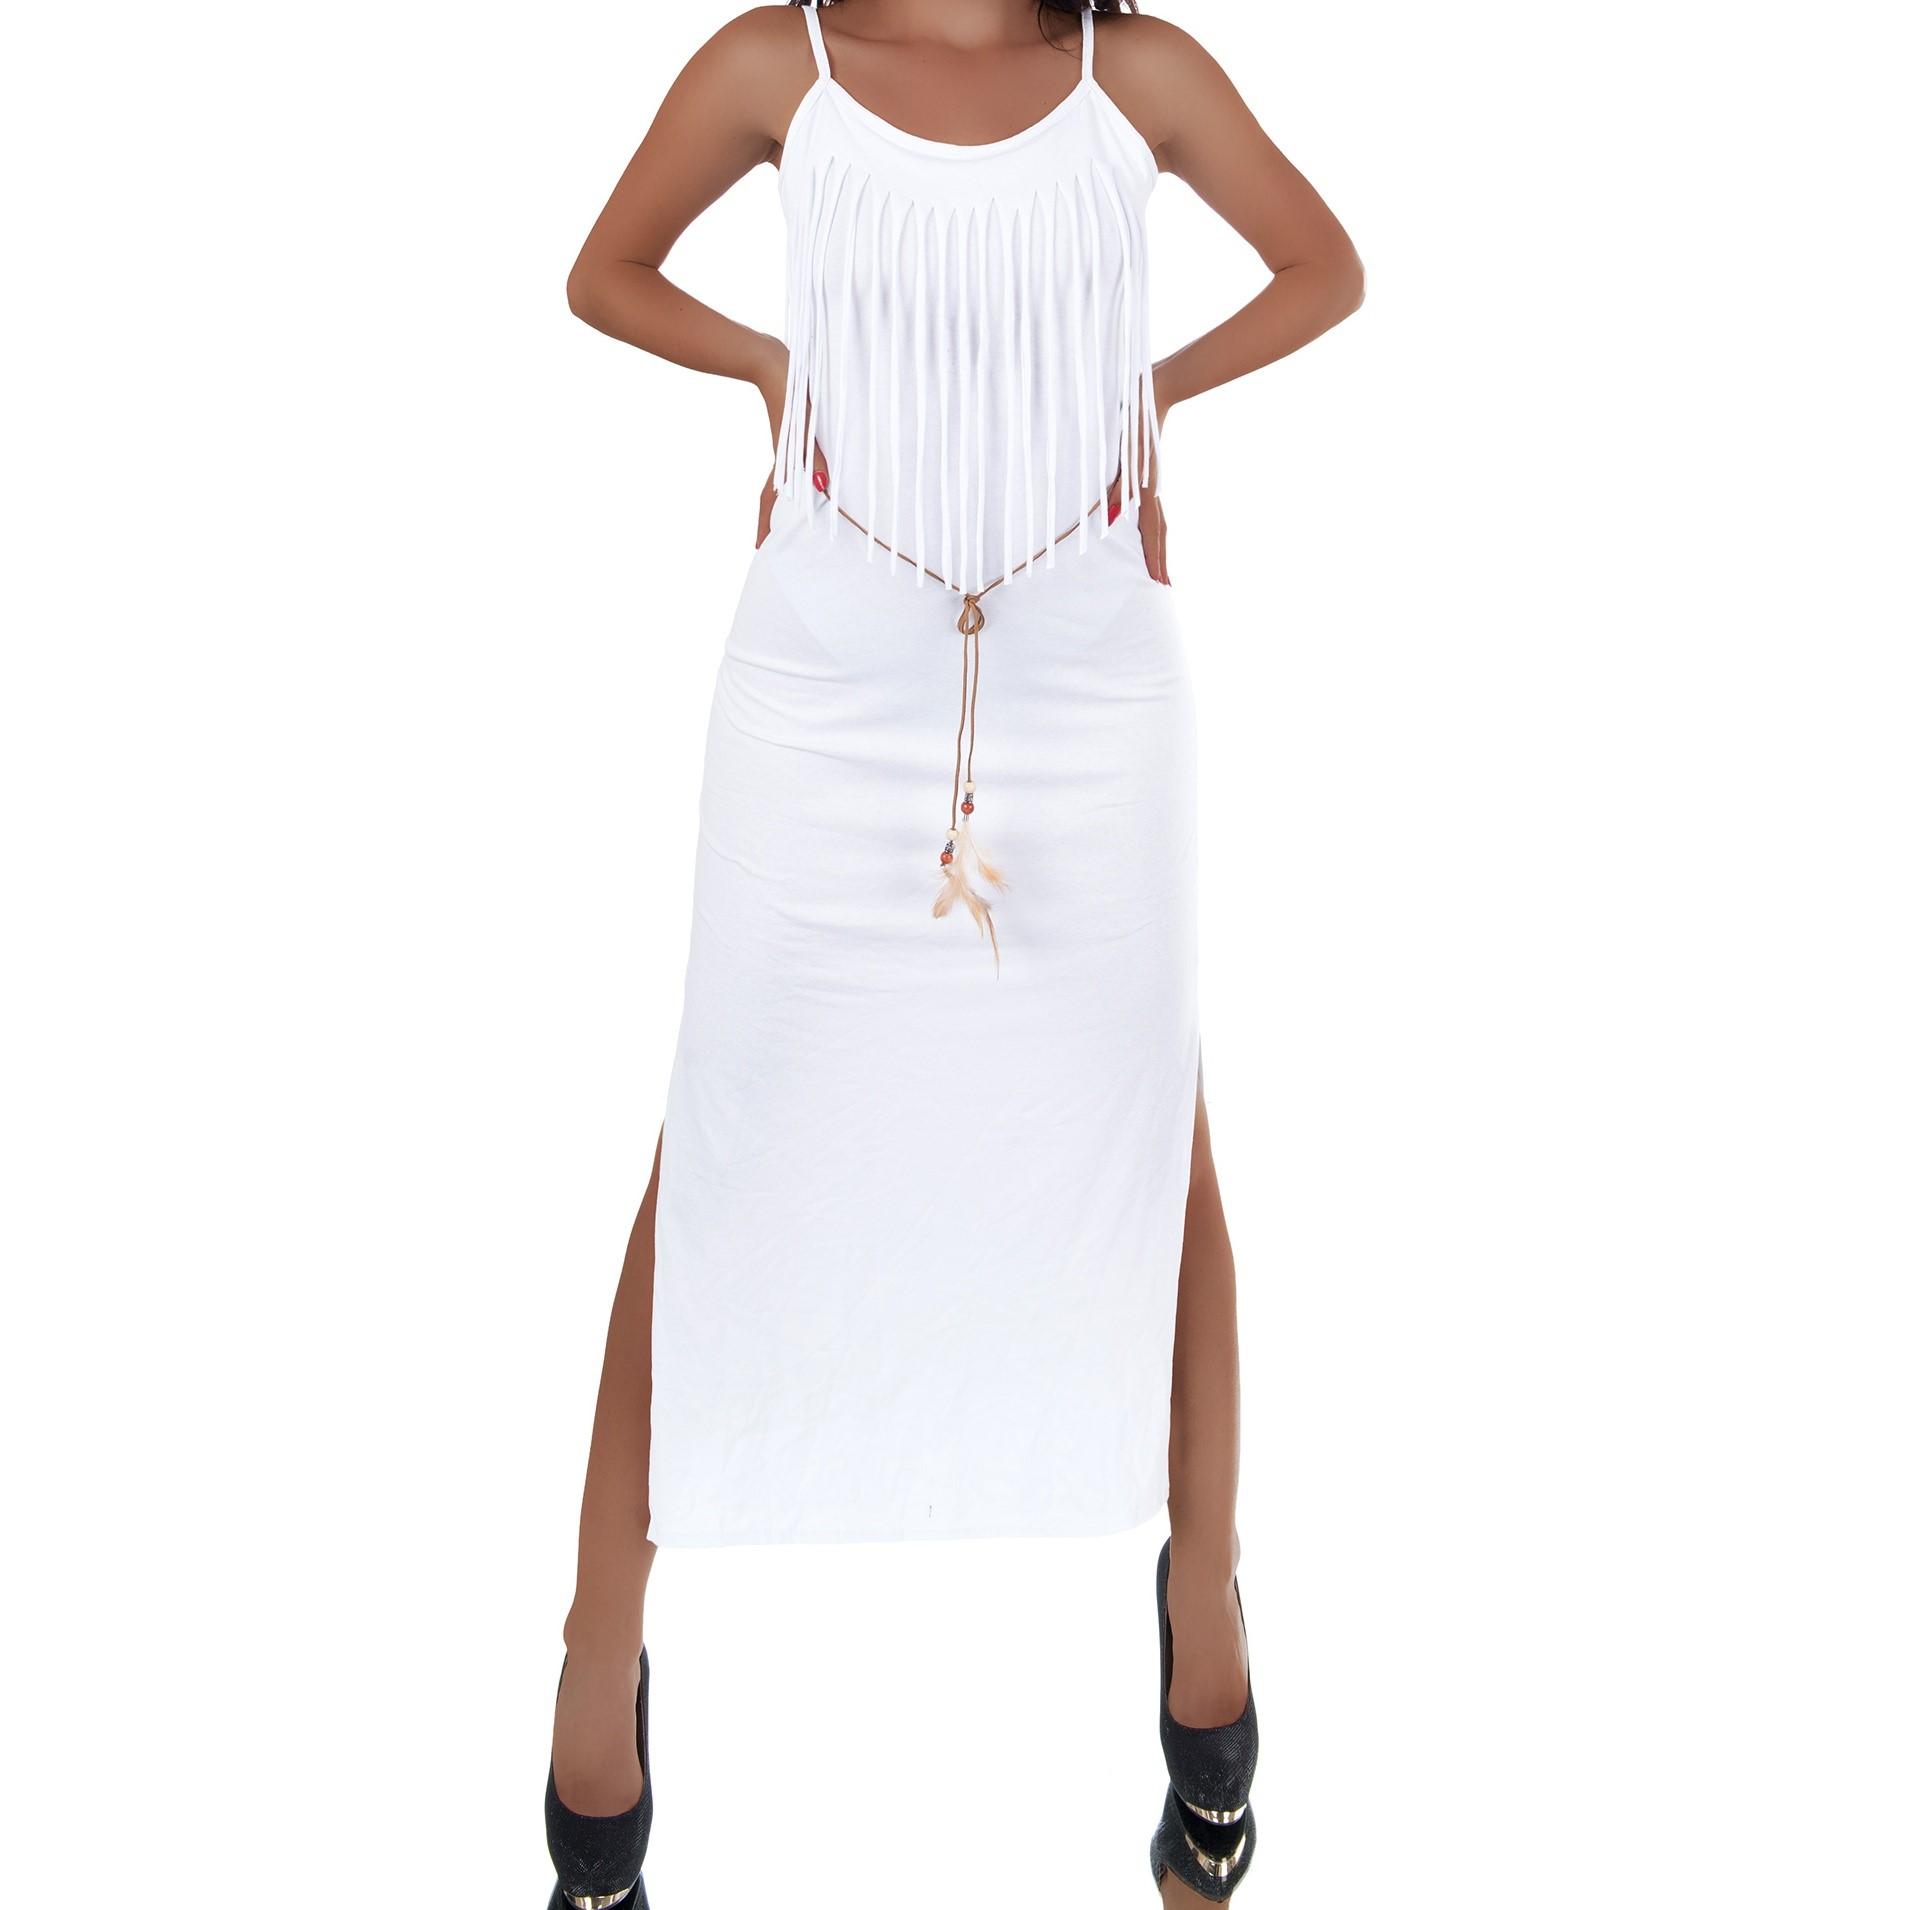 Dámske sexi šaty dlhé strapce 2 farby 8819  78ad1115f0d